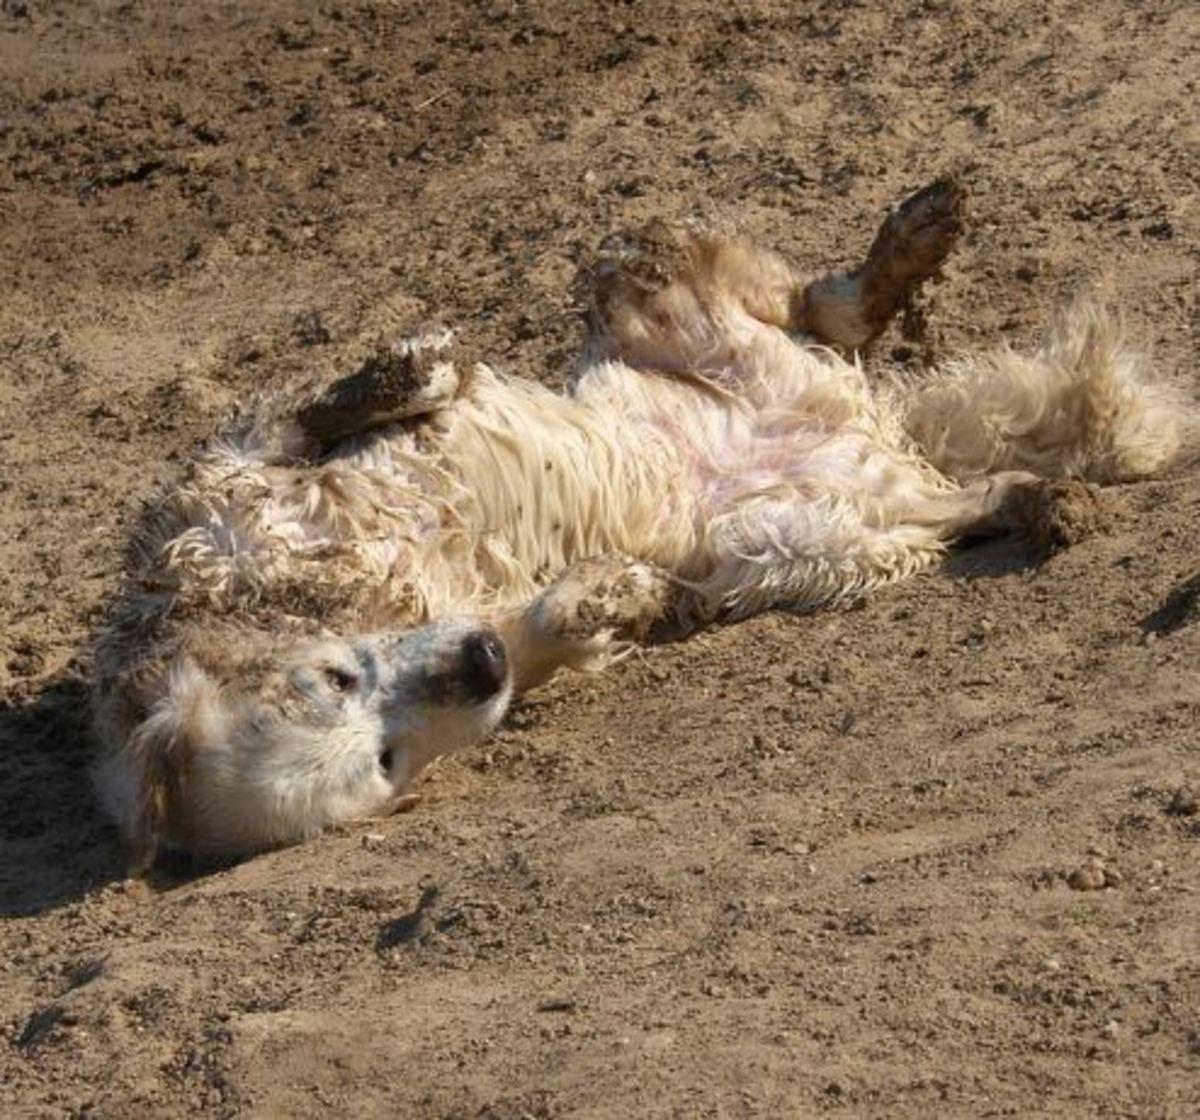 This dog definitely needs a bath!